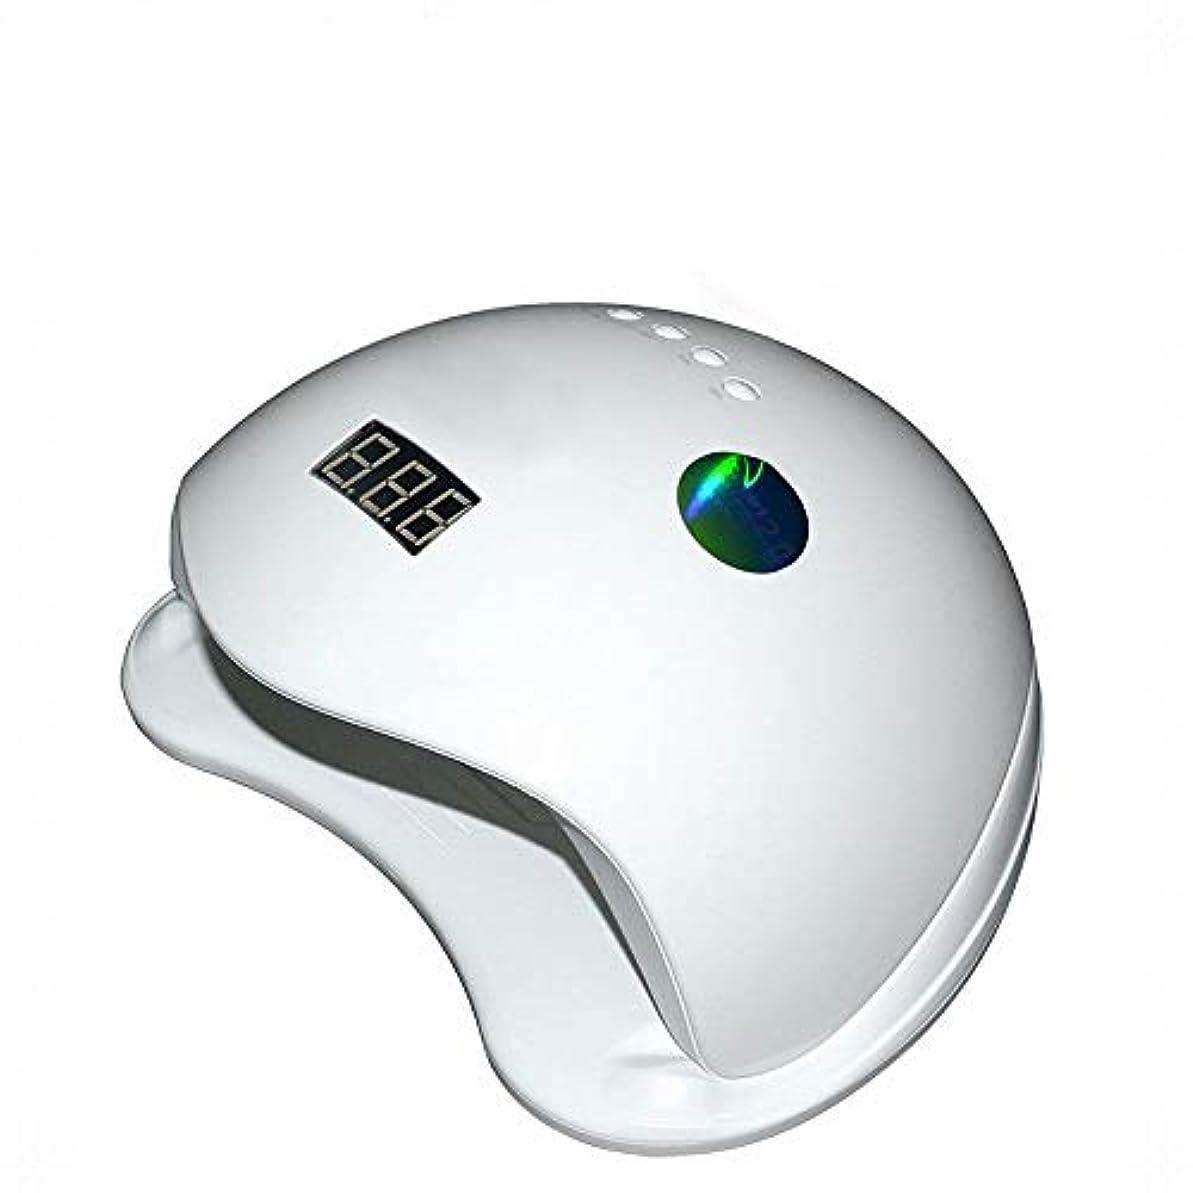 霧保守的剣YESONEEP ネイル光線療法ランプ48WネイルドライヤーLED UV硬化乾燥ネイルランプ (Size : 48W)